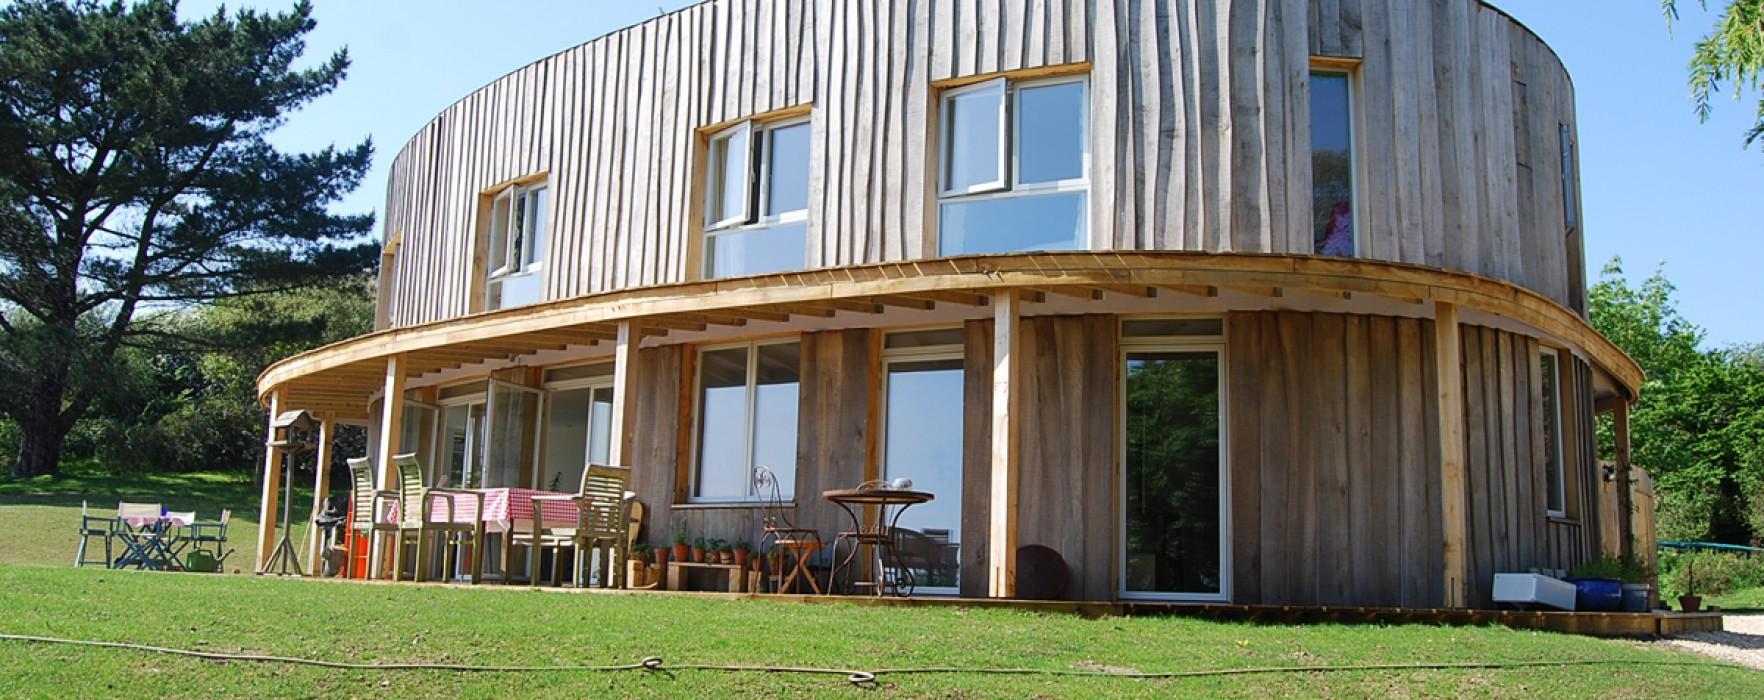 Costo al metro quadro di una villa prefabbricata for Quanto costa arredare una casa di 100mq